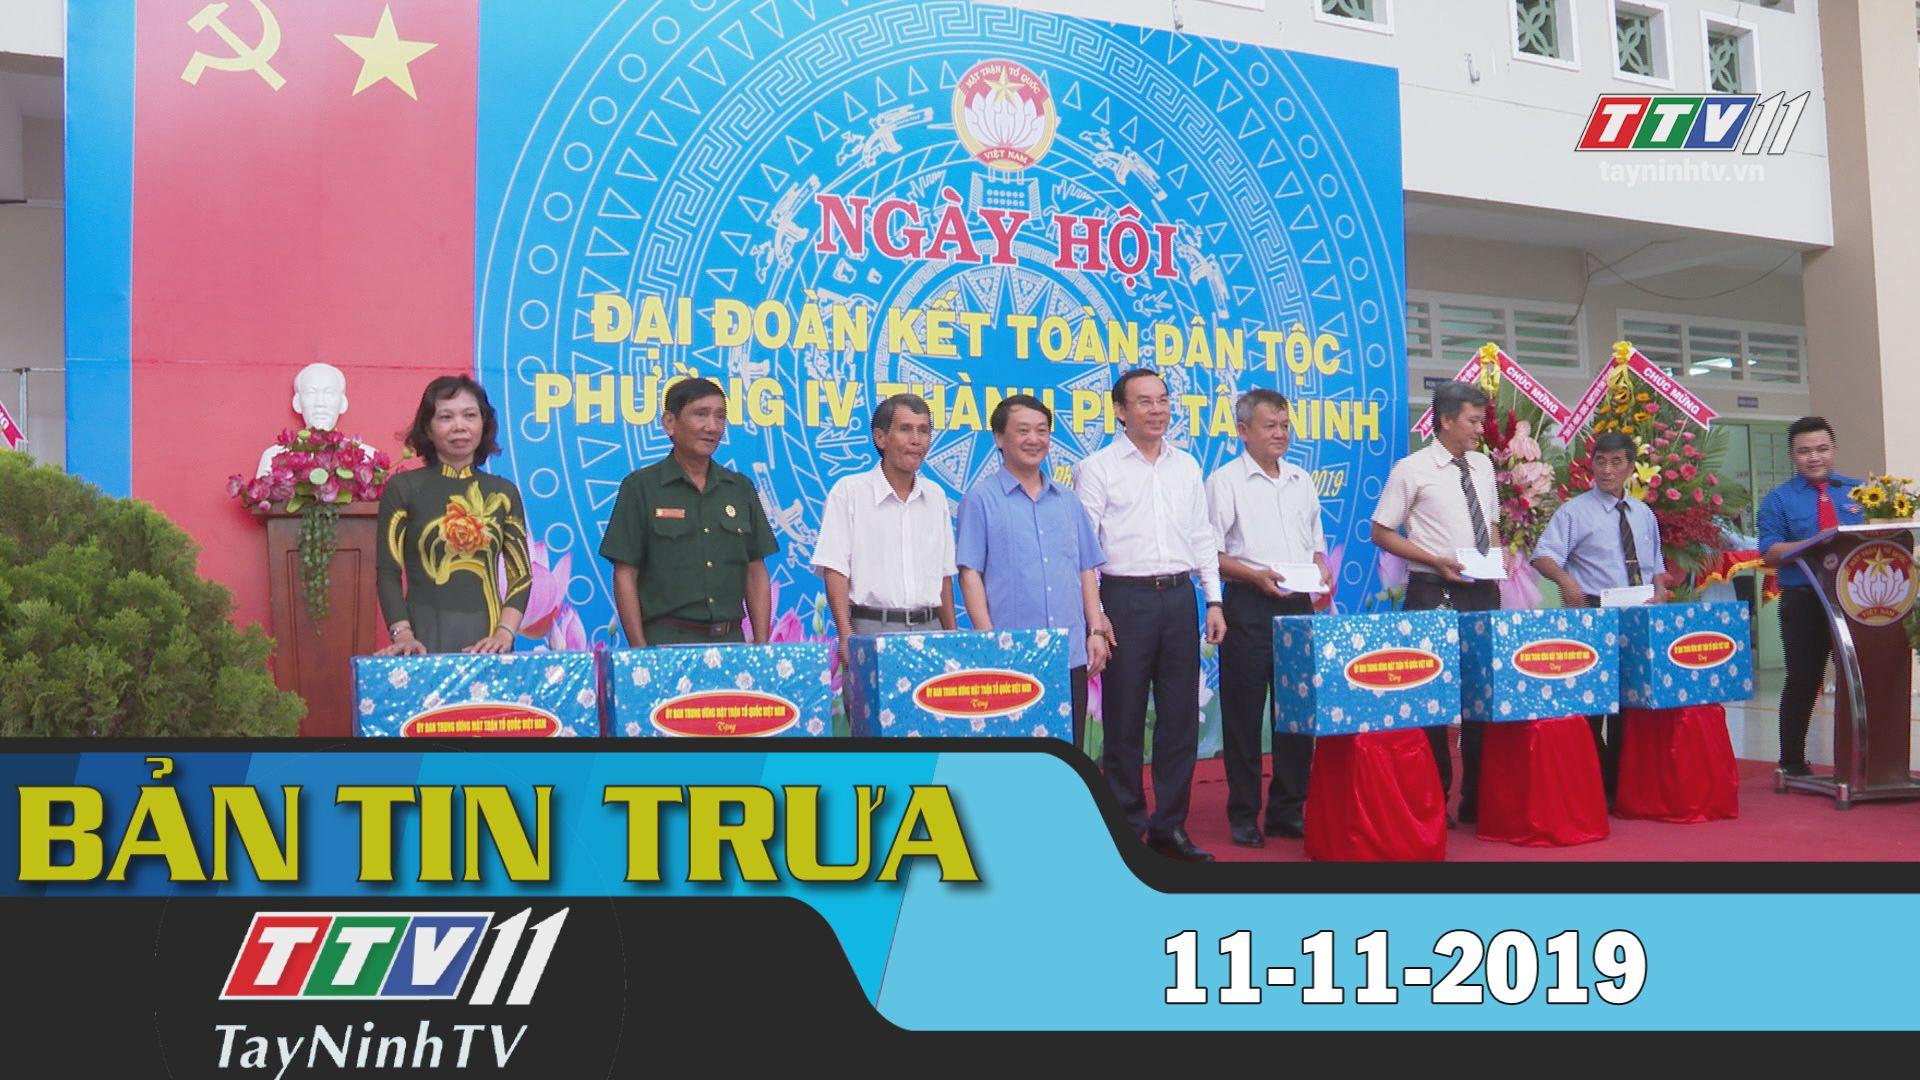 Bản tin trưa 11-11-2019 | BẢN TIN TRƯA | Tây Ninh TV